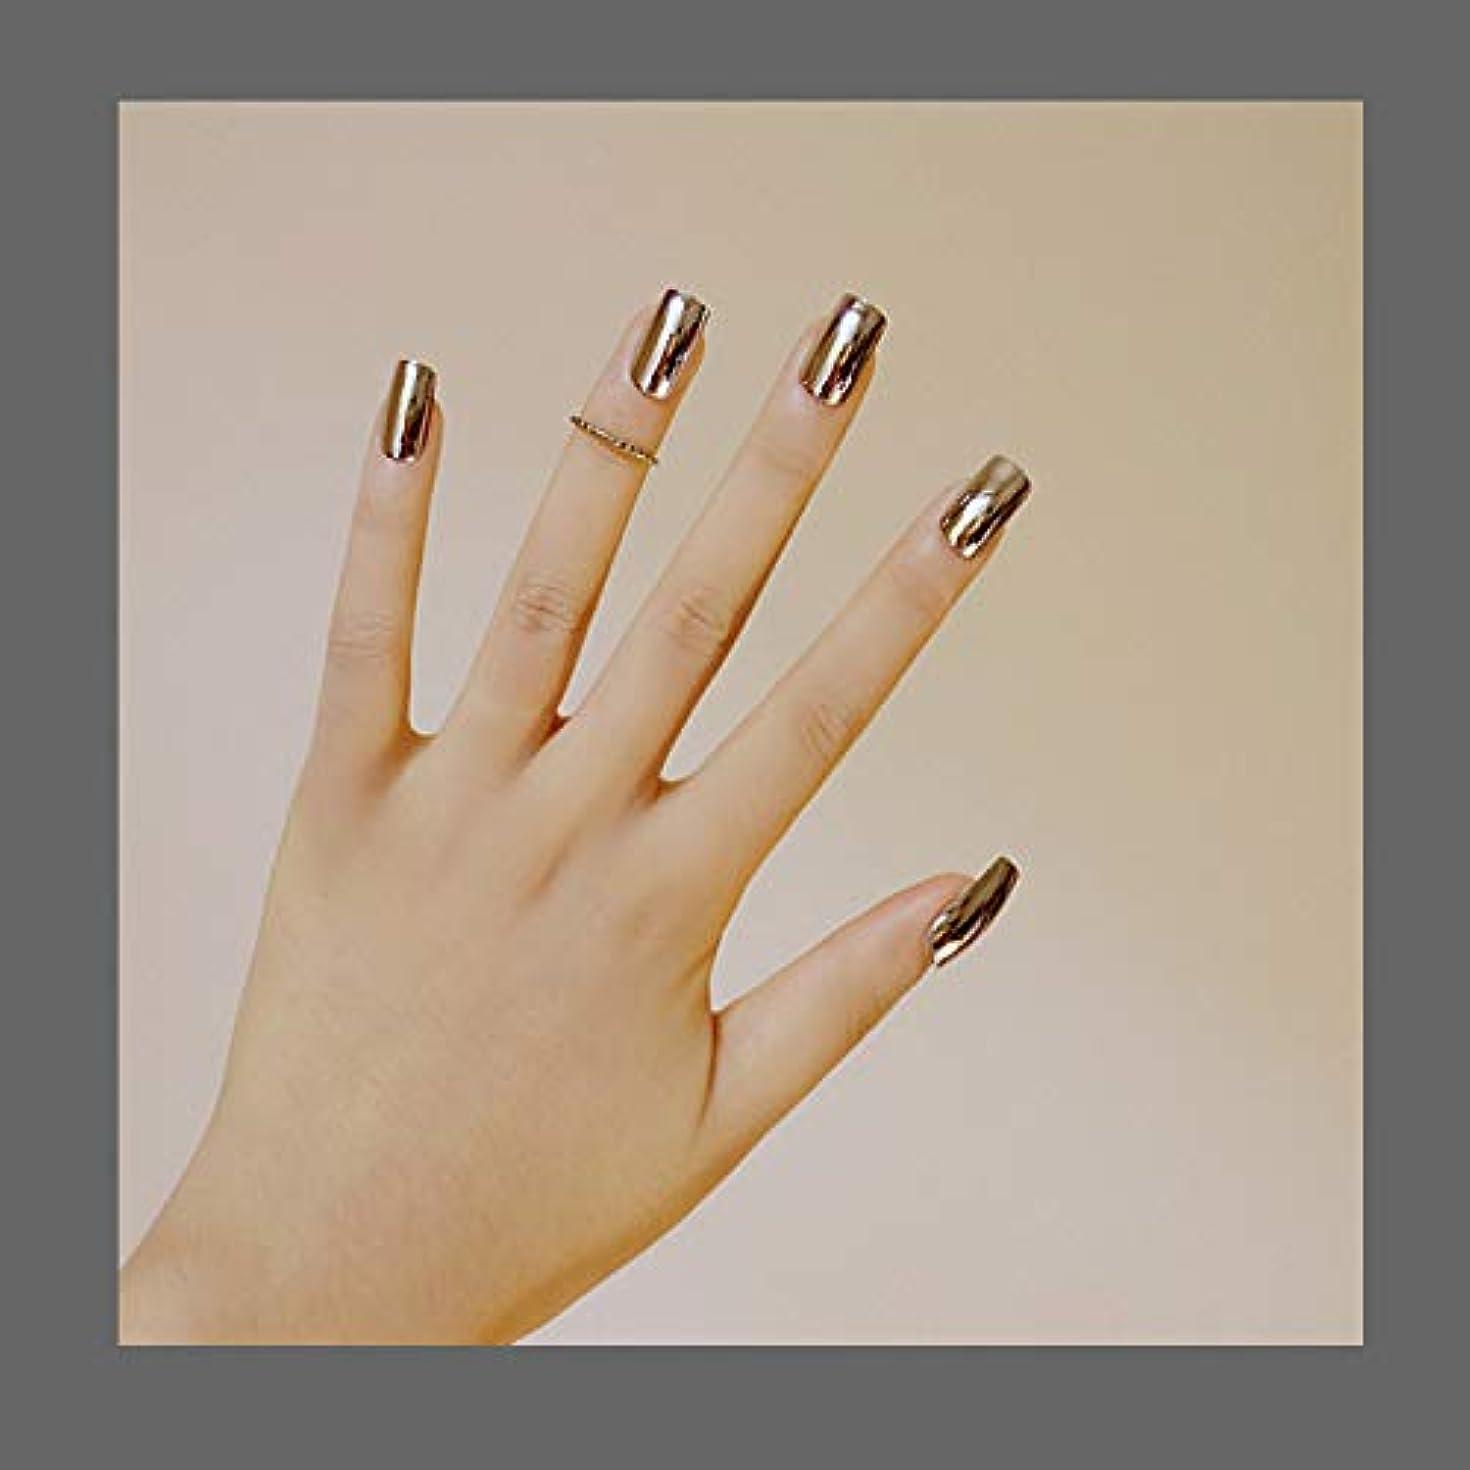 ご注意シャイニング特性欧米で流行るパンク風付け爪 色変化のミラー付け爪 24枚付け爪 フラットヘッド 銀